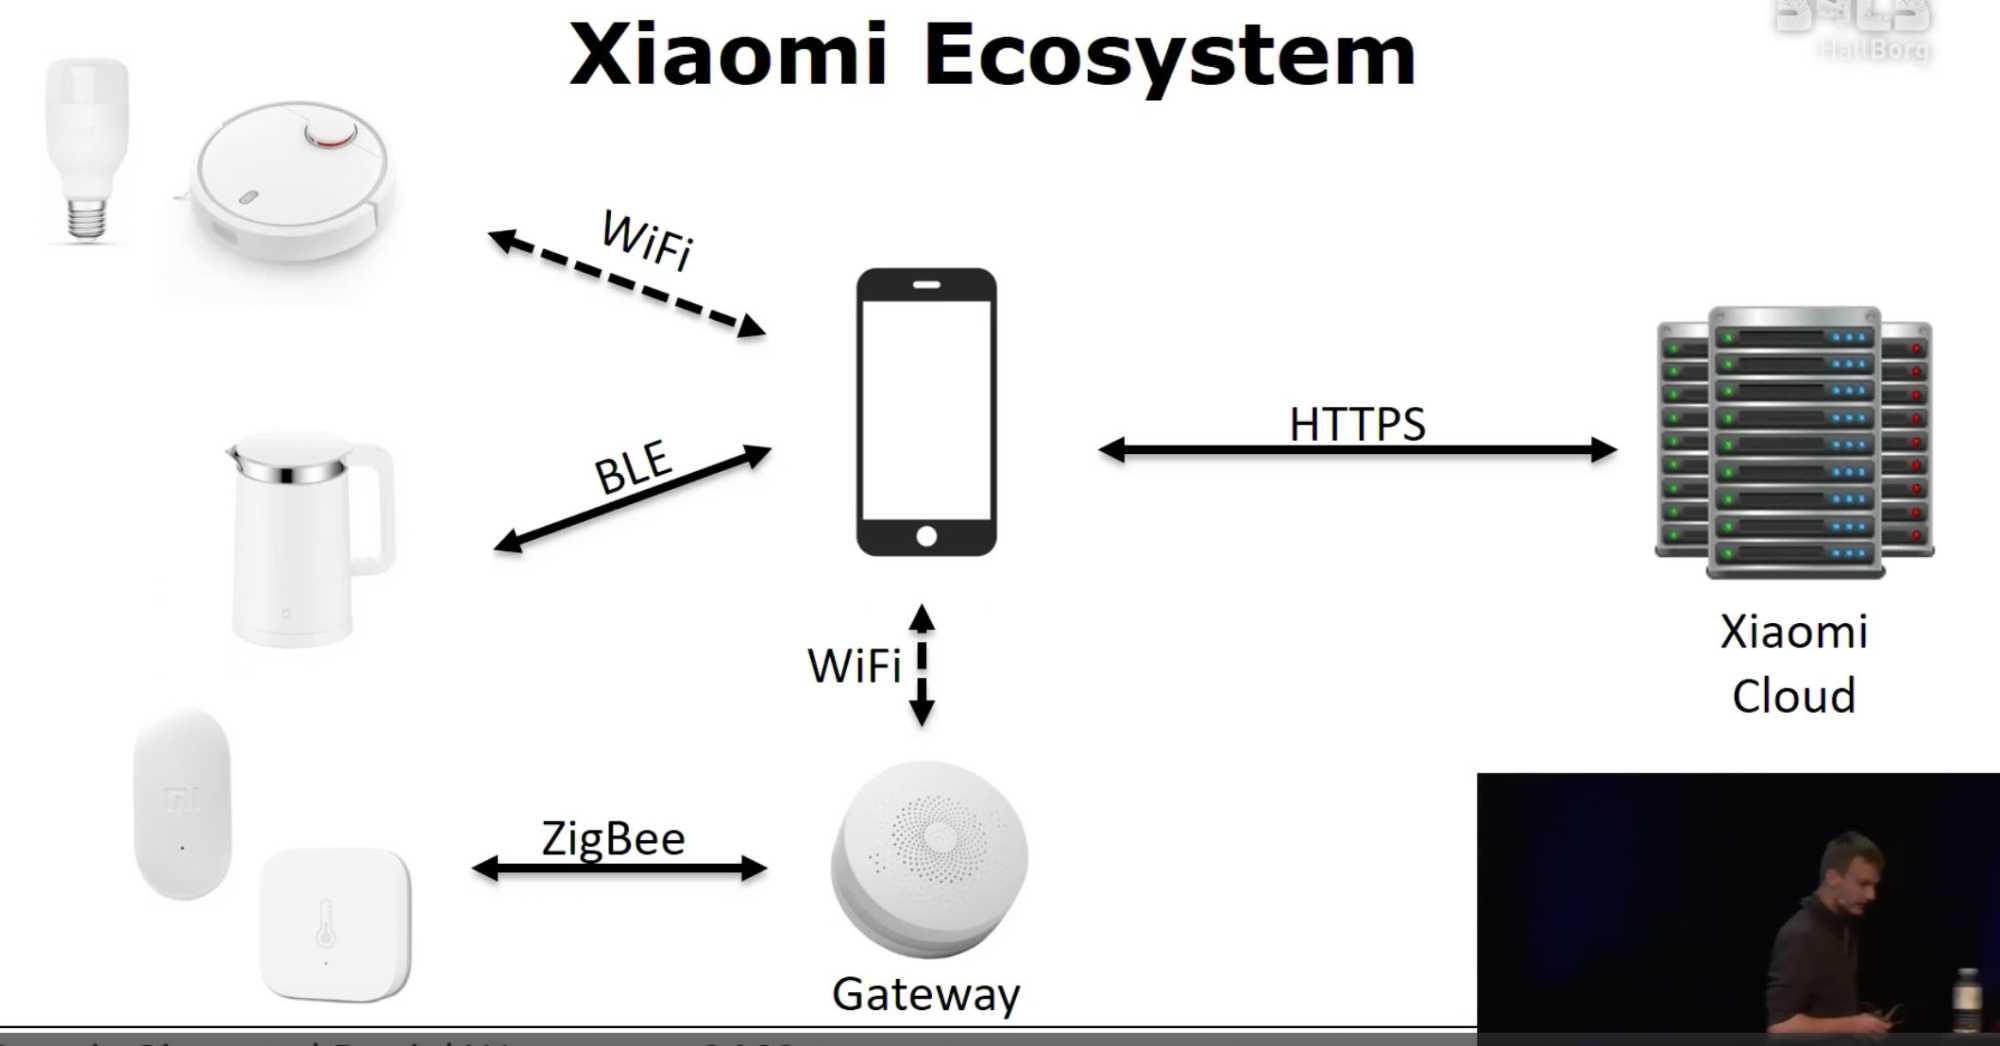 Das Xiaomi-Ökosystem mit den verschiedenen Smart-Home-Geräten des Unternehmens.